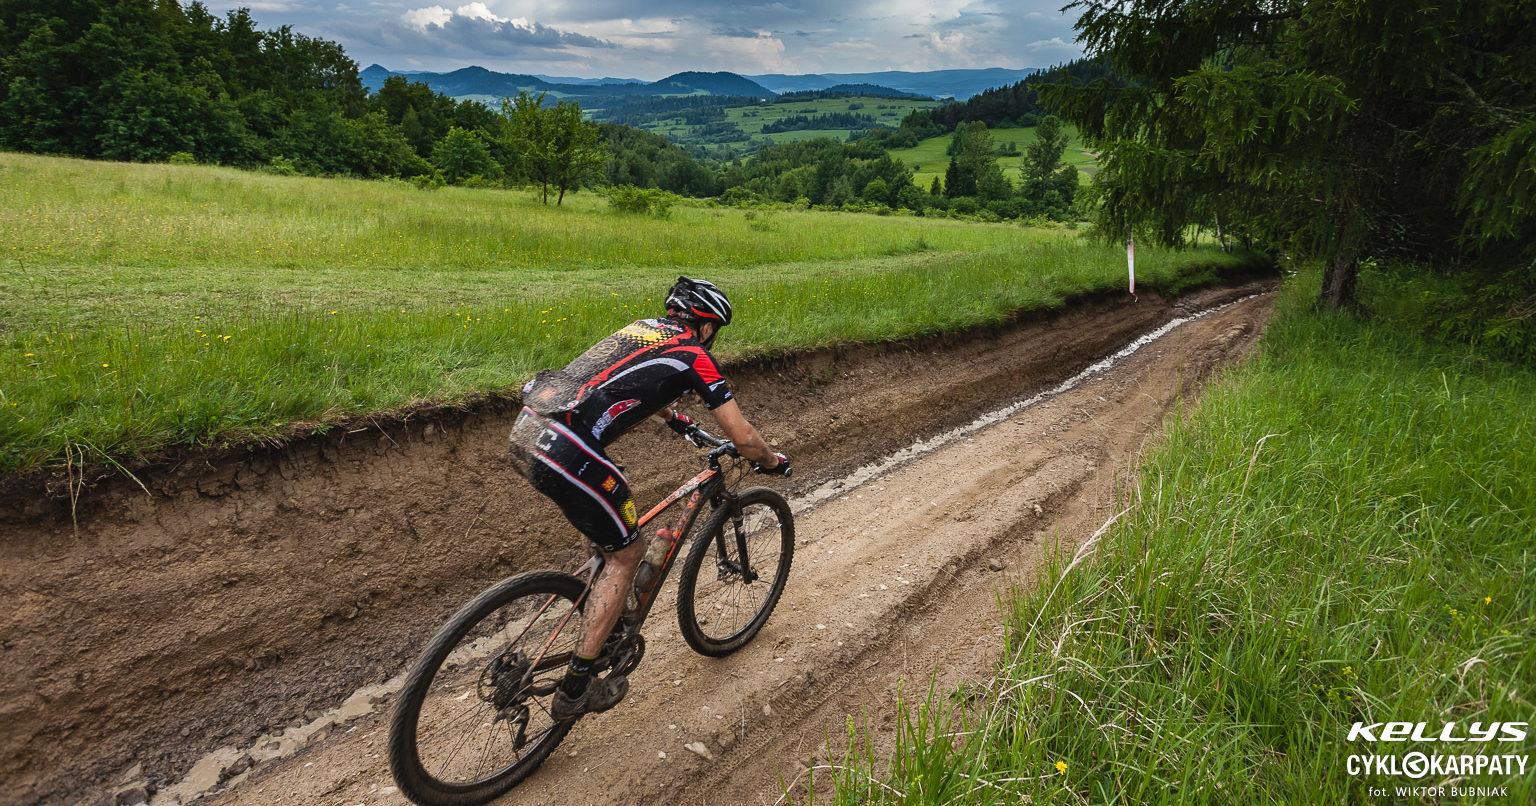 Legendarny etap Kellys Cyklokarpaty w Kluszkowcach przeszedł do historii!